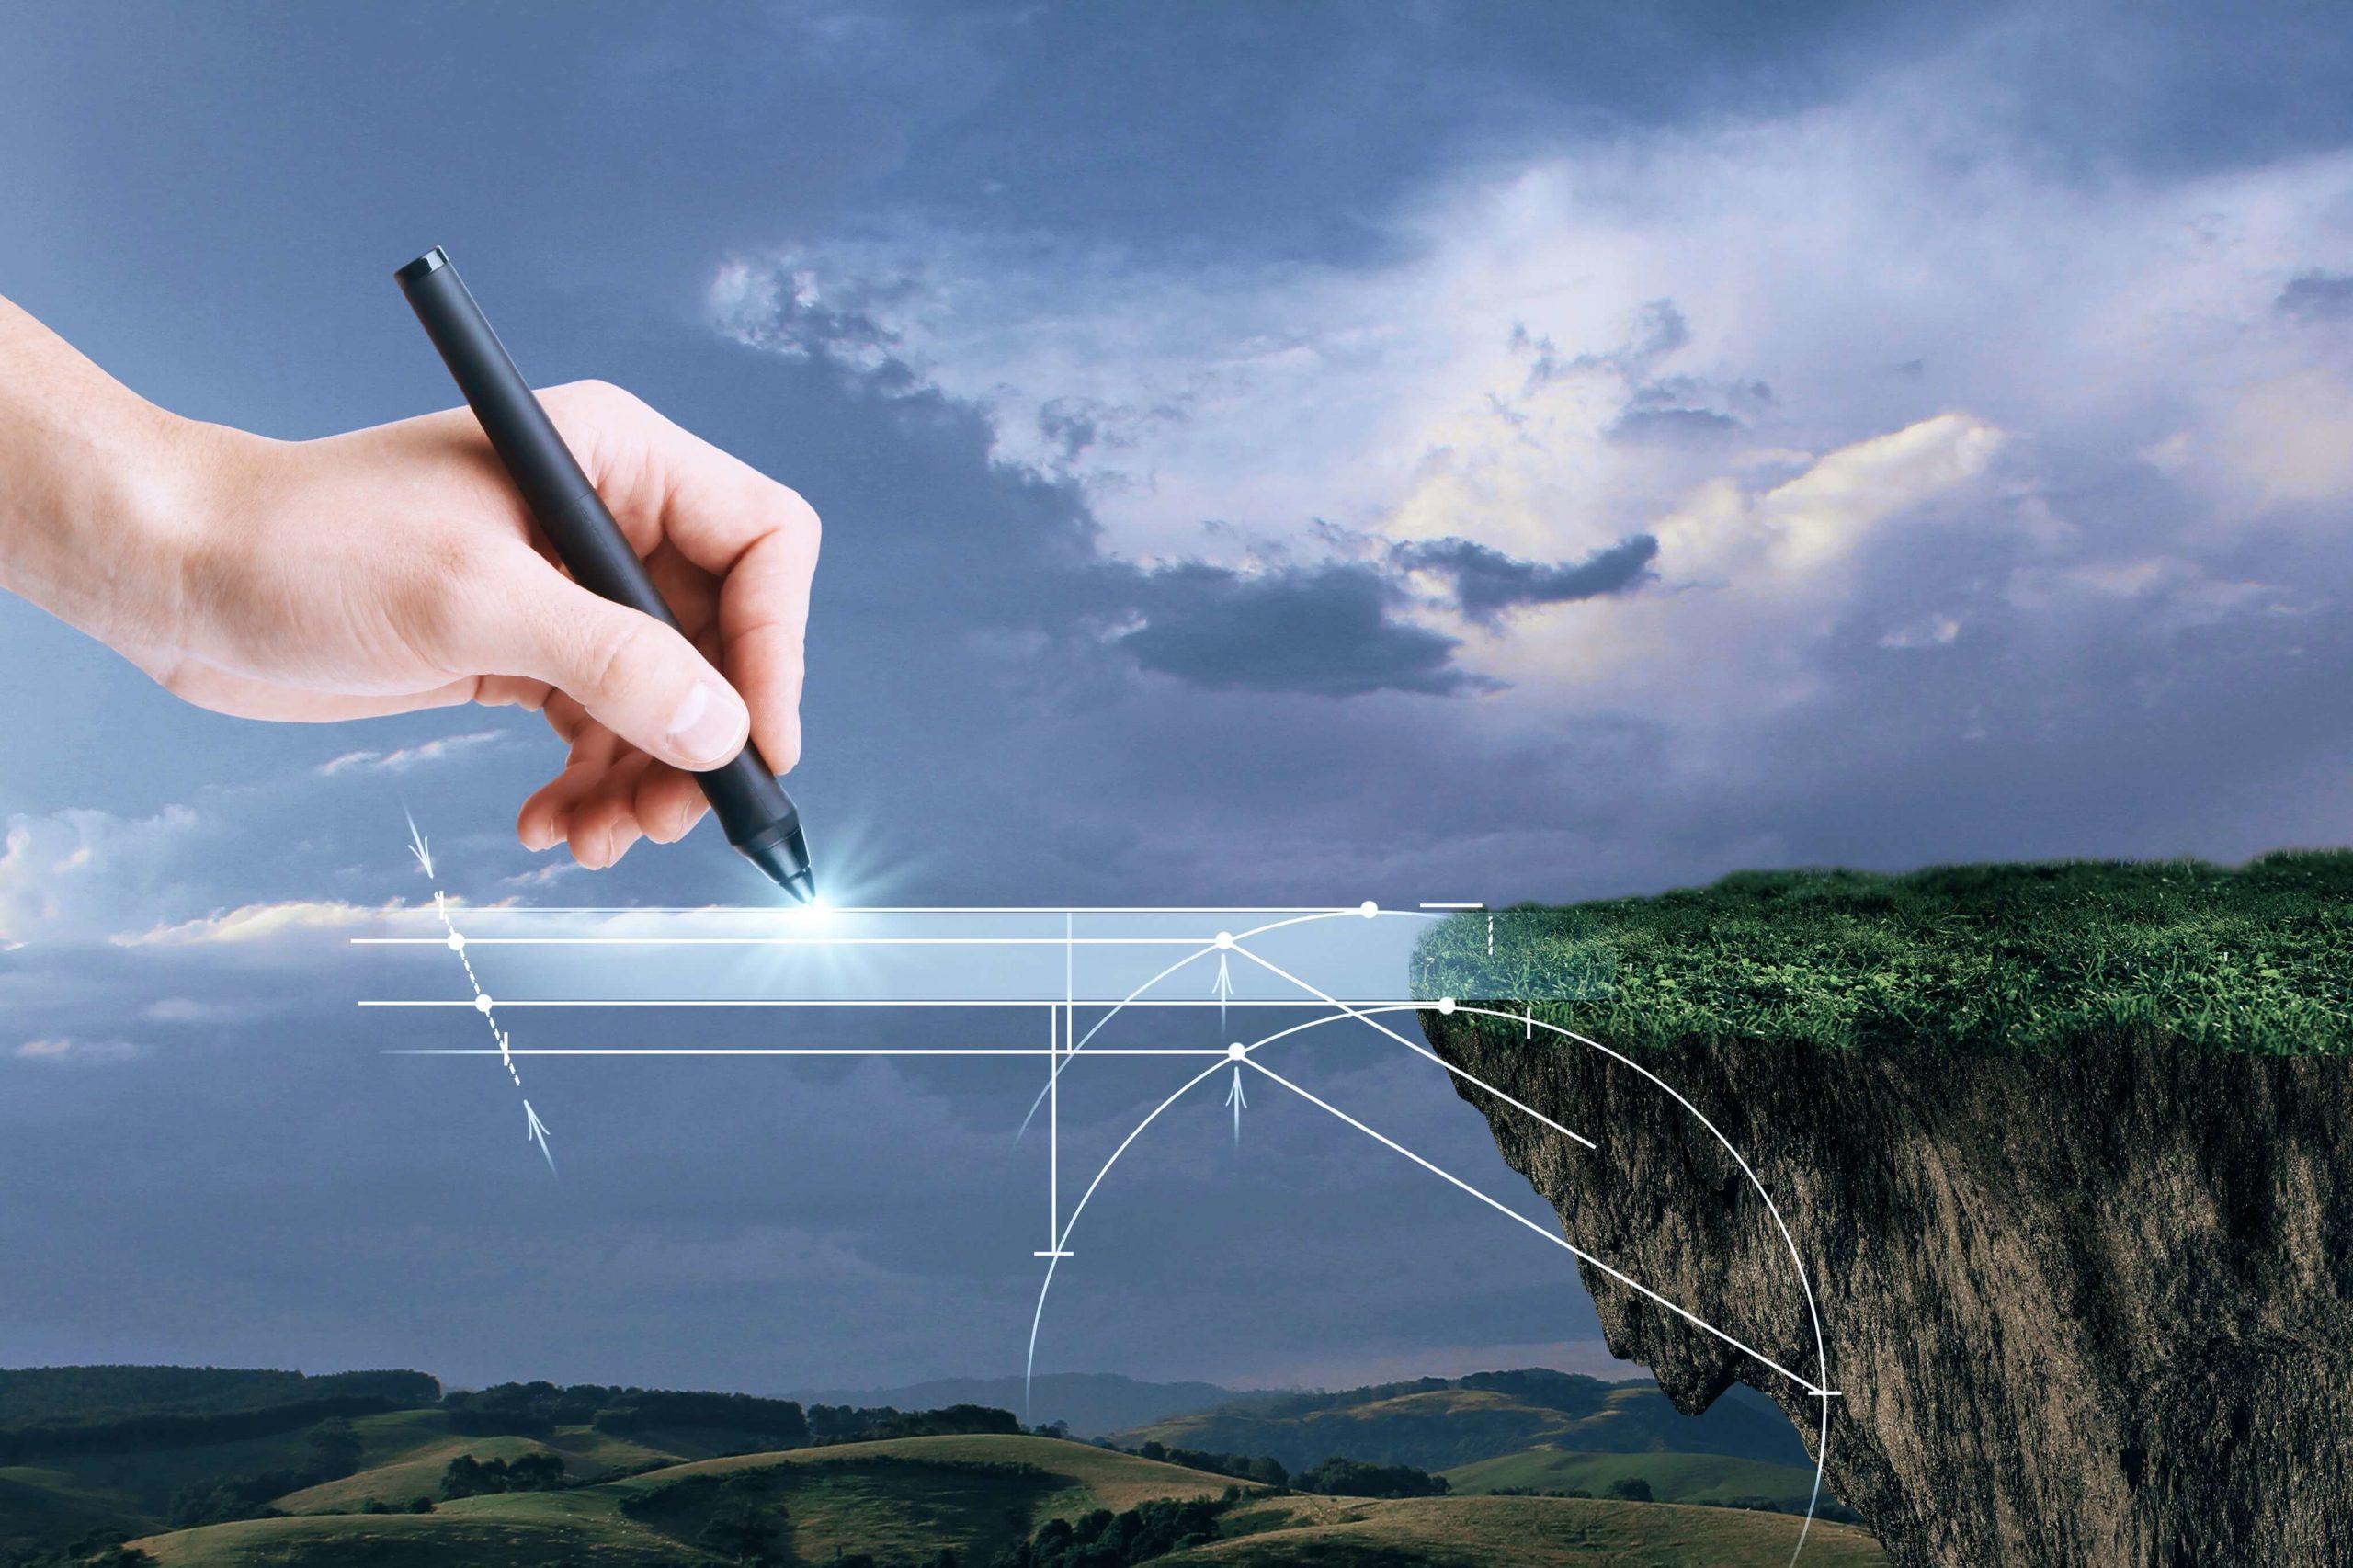 Puente digital dibujo mano